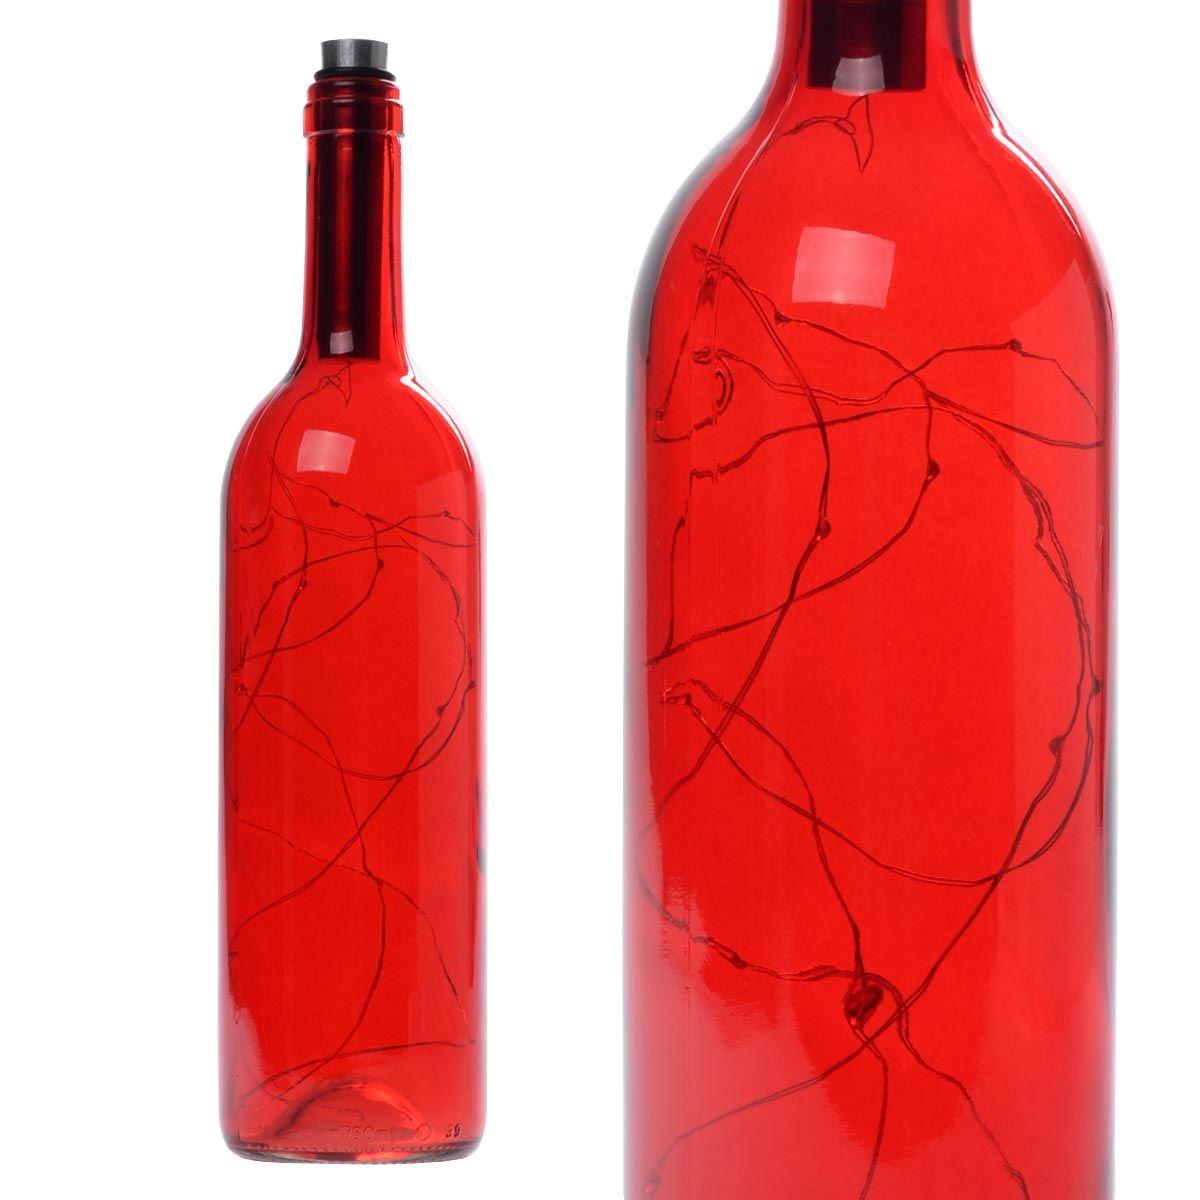 Διακοσμητικό φωτιστικό σε μπουκάλι κρασιού με LED φωτισμό - Κόκκινο